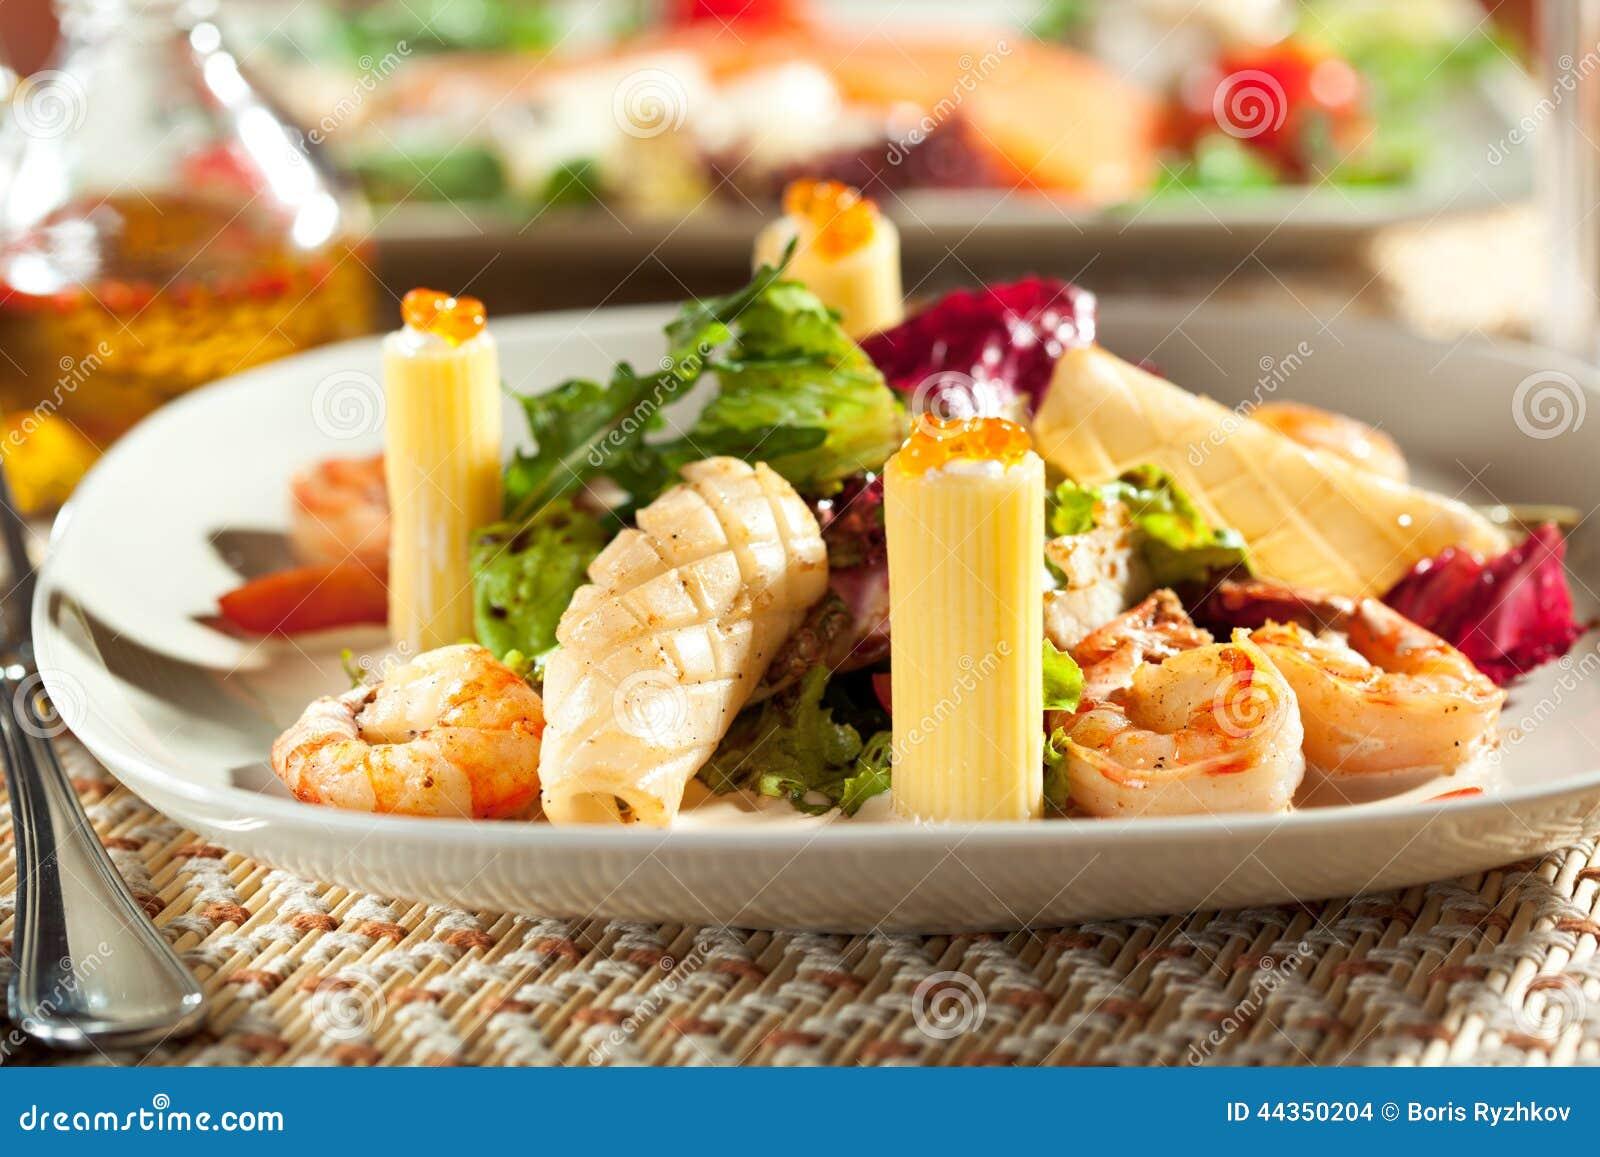 Frutti di mare con pasta